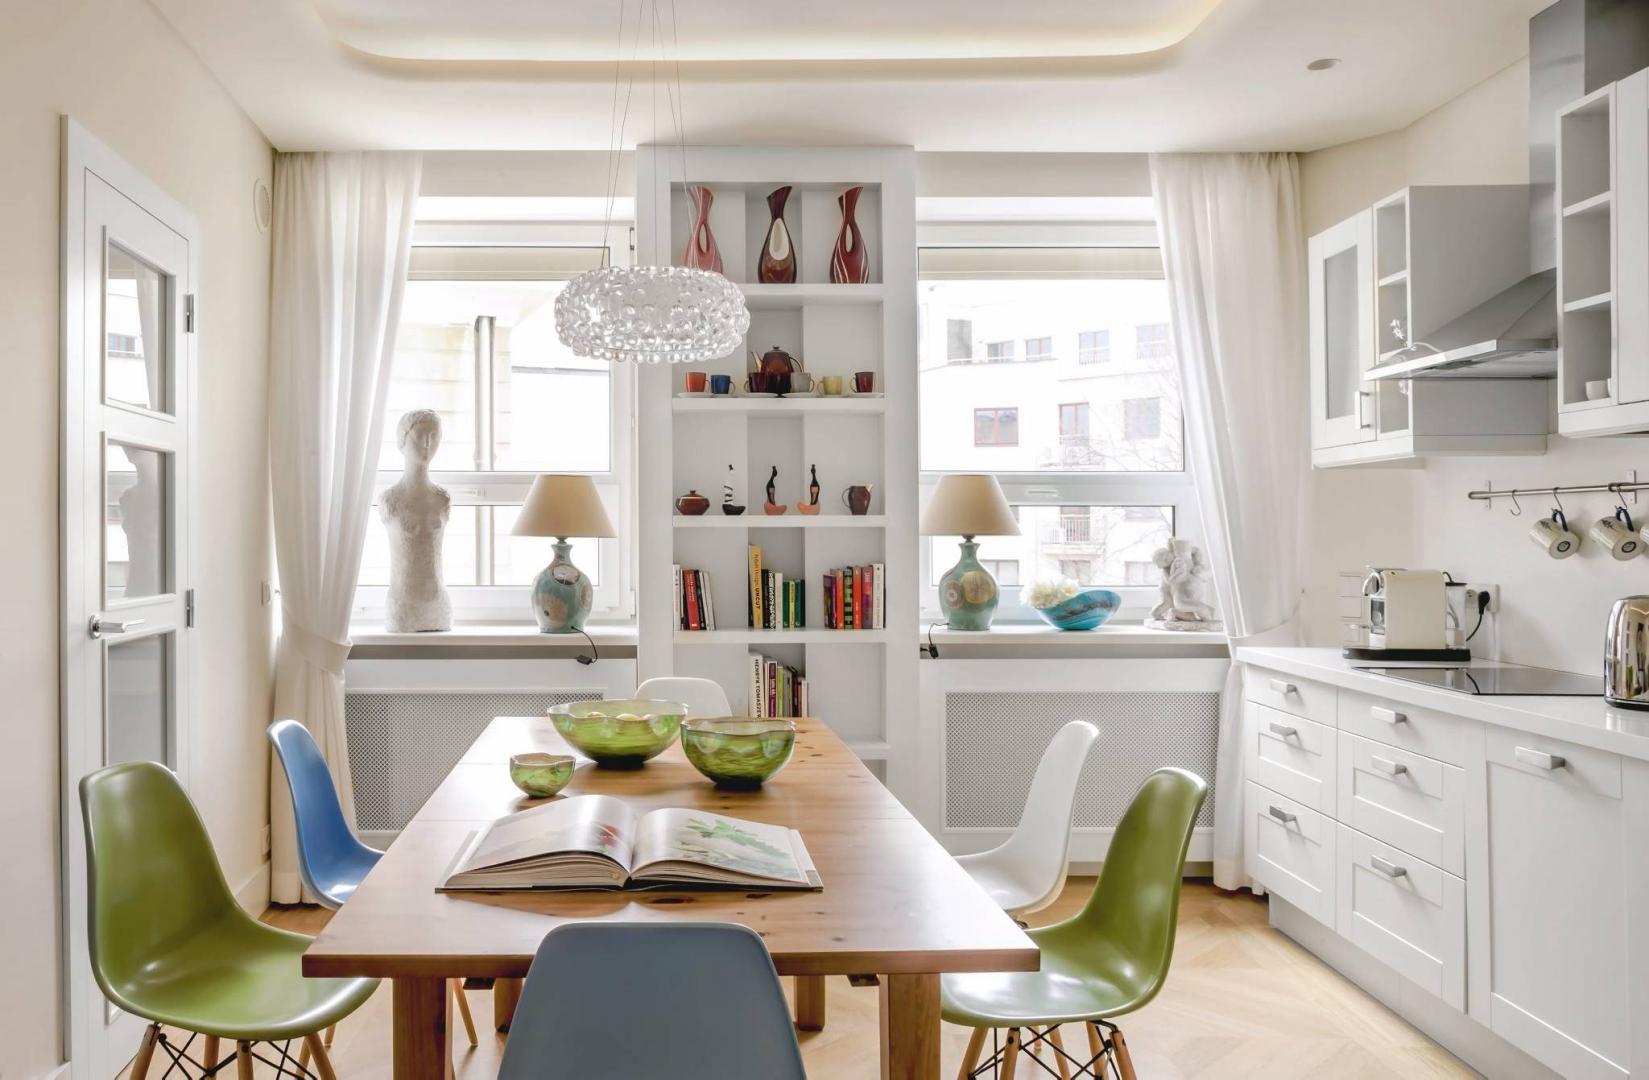 Kuchnia Pełna Ciepła Przez Cały Rok ładny Dom